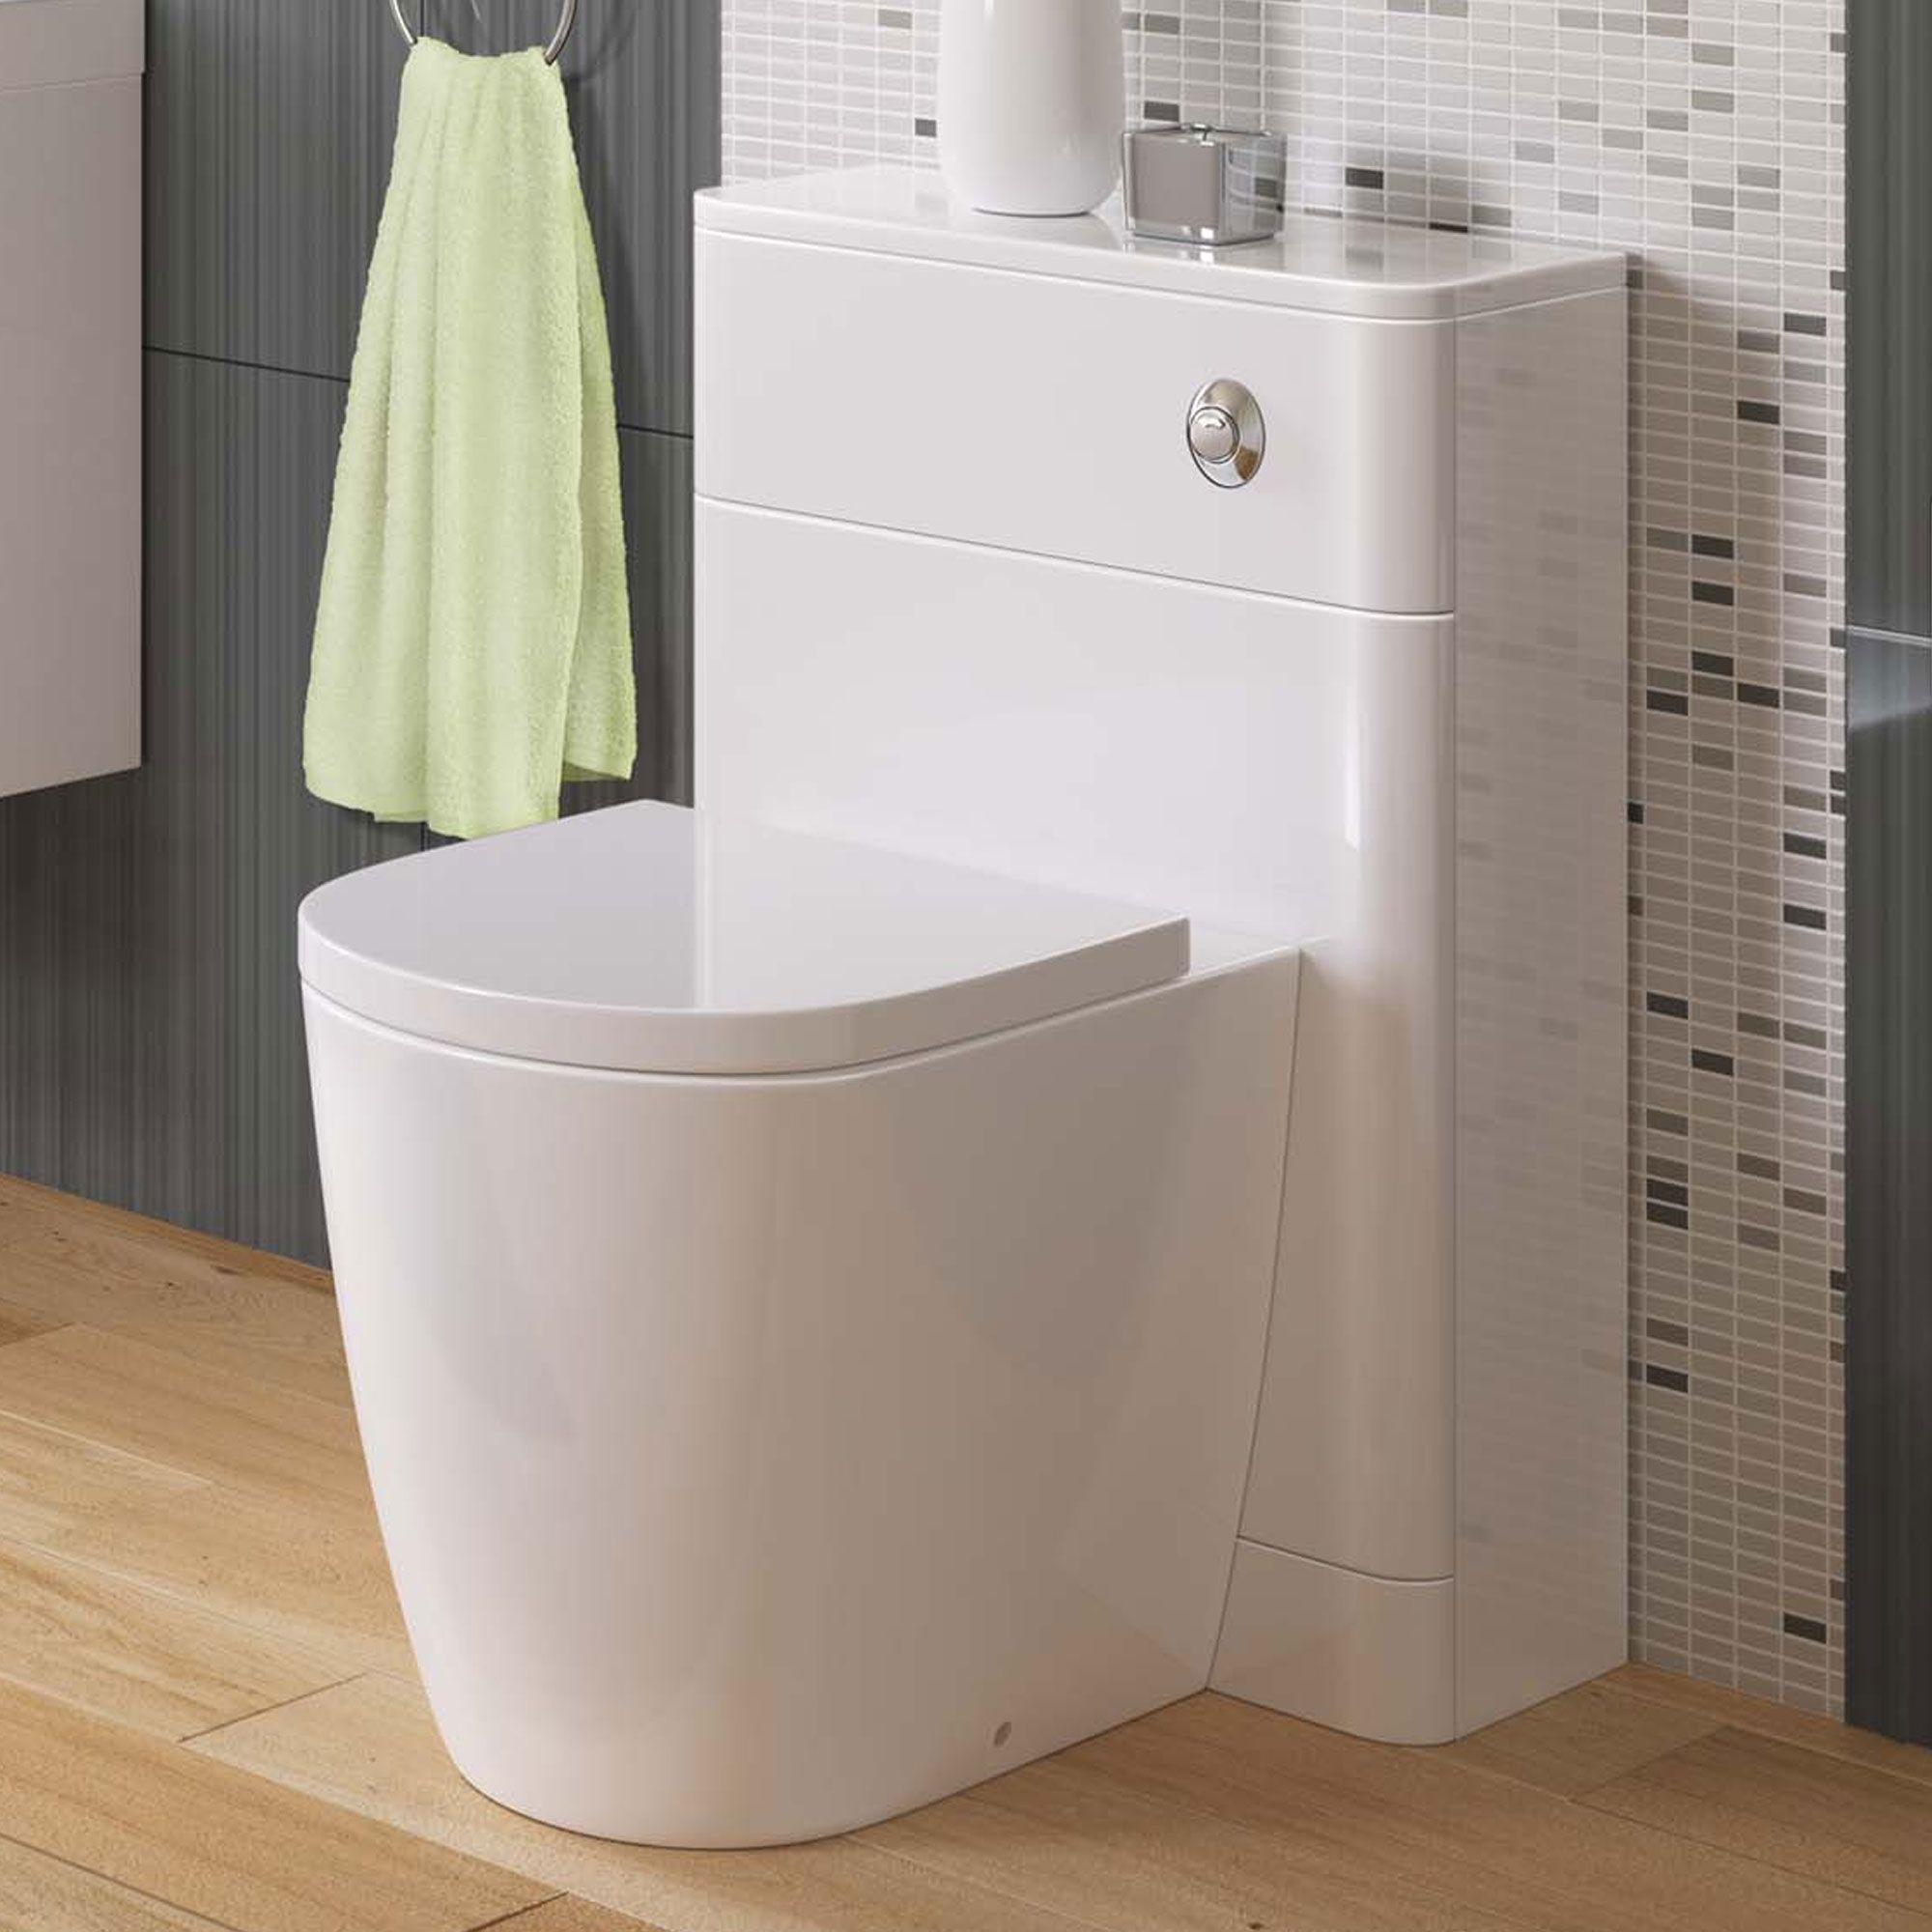 Denver Lyon Pan Gloss White Back To Wall Unit | Lyon, Bathroom ...